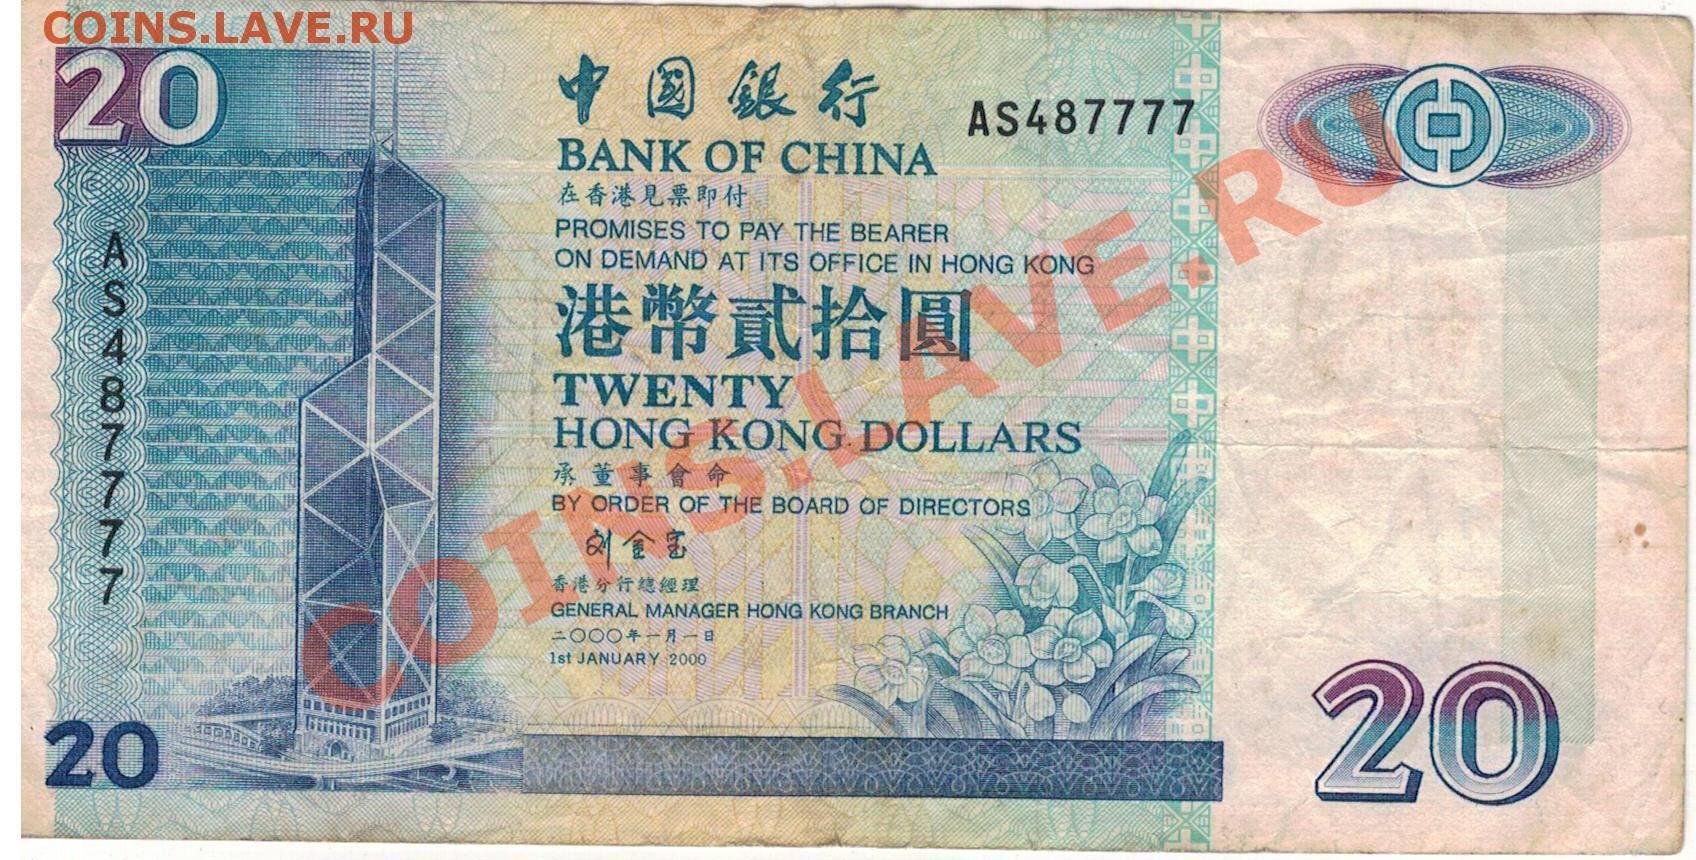 Британский гонконг (british hong kong) - история. бывшие колонии великобритании